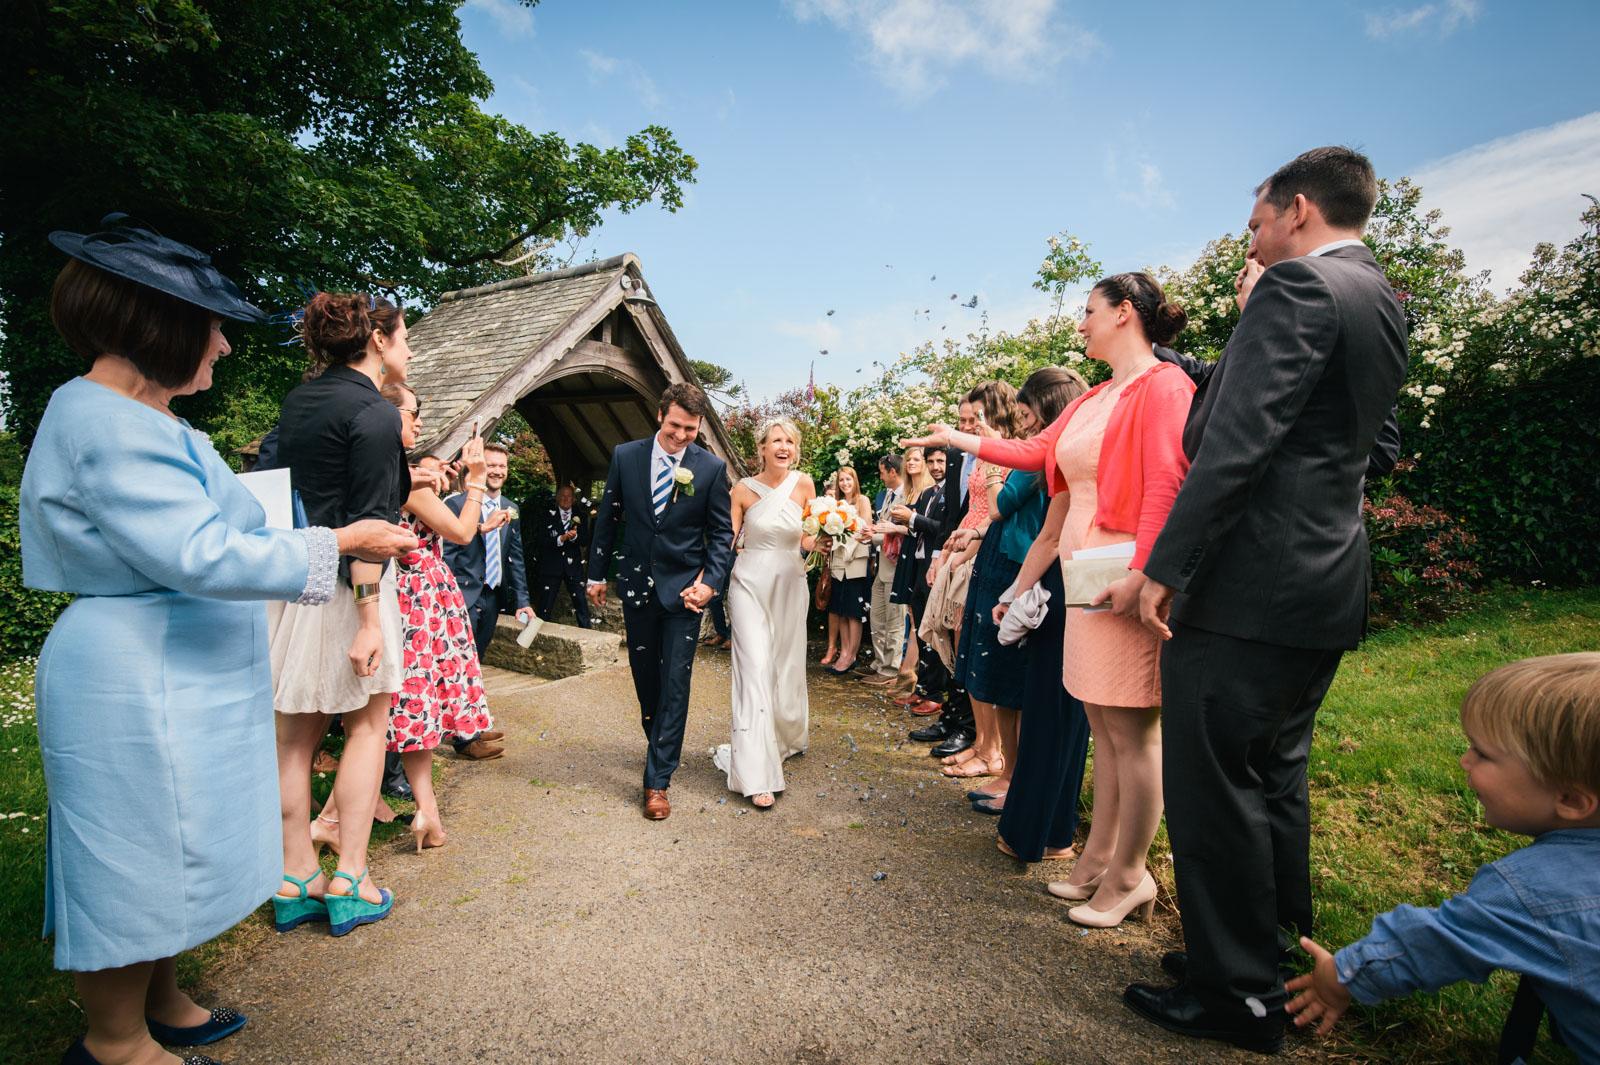 mylor-church-wedding-60.jpg